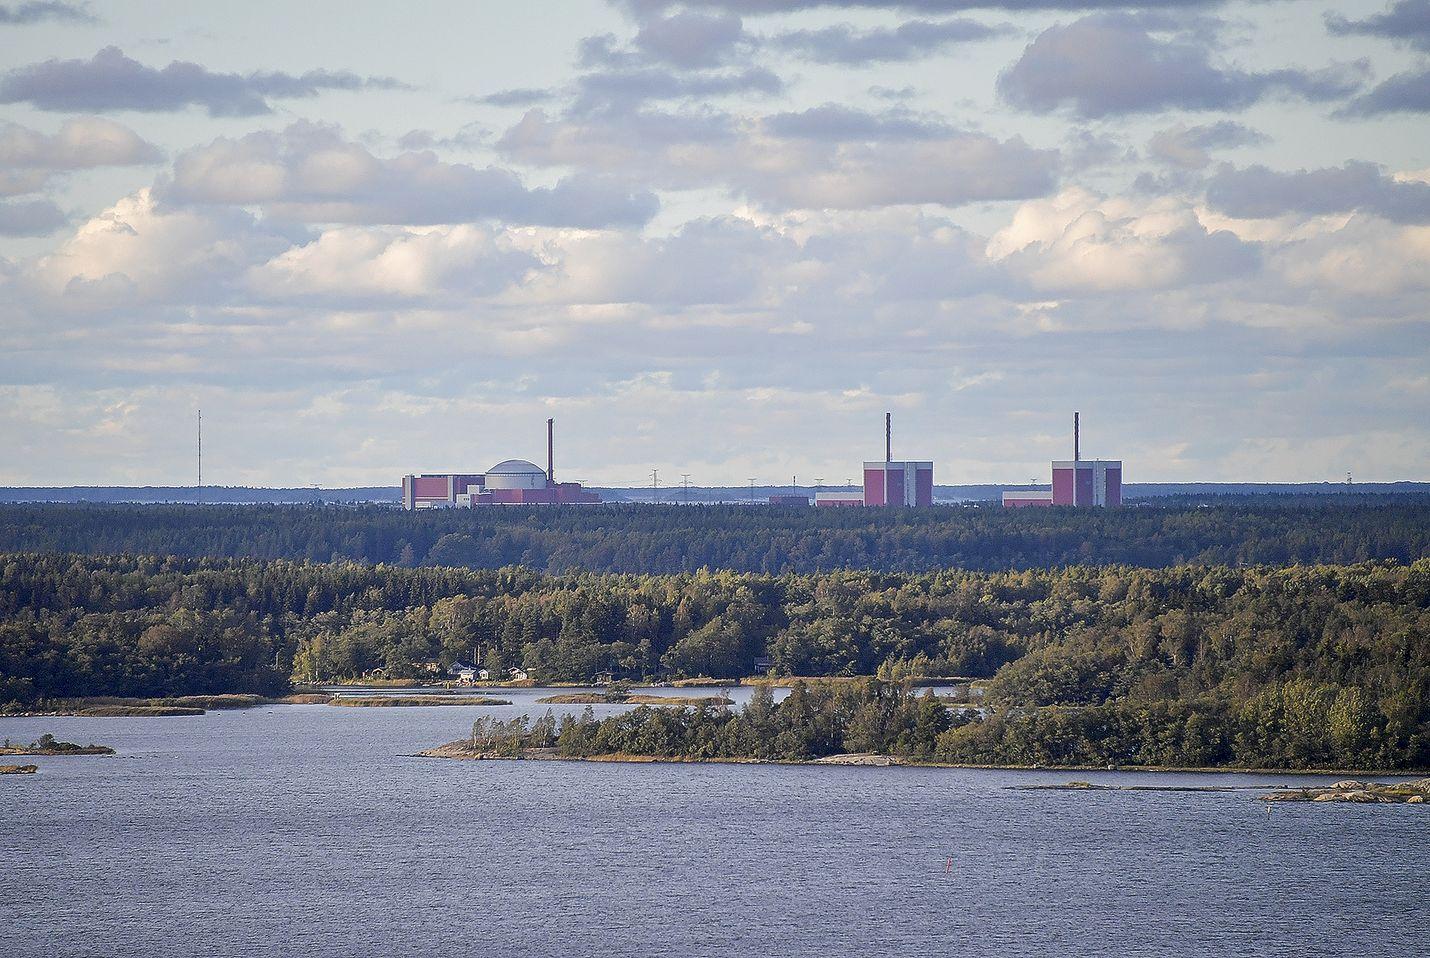 Kirjoittaja pitää ydinvoimaa ainoana mahdollisuutena, jos halutaan saattaa ilmastoasiat energiasektorilla hiilineutraaleiksi.